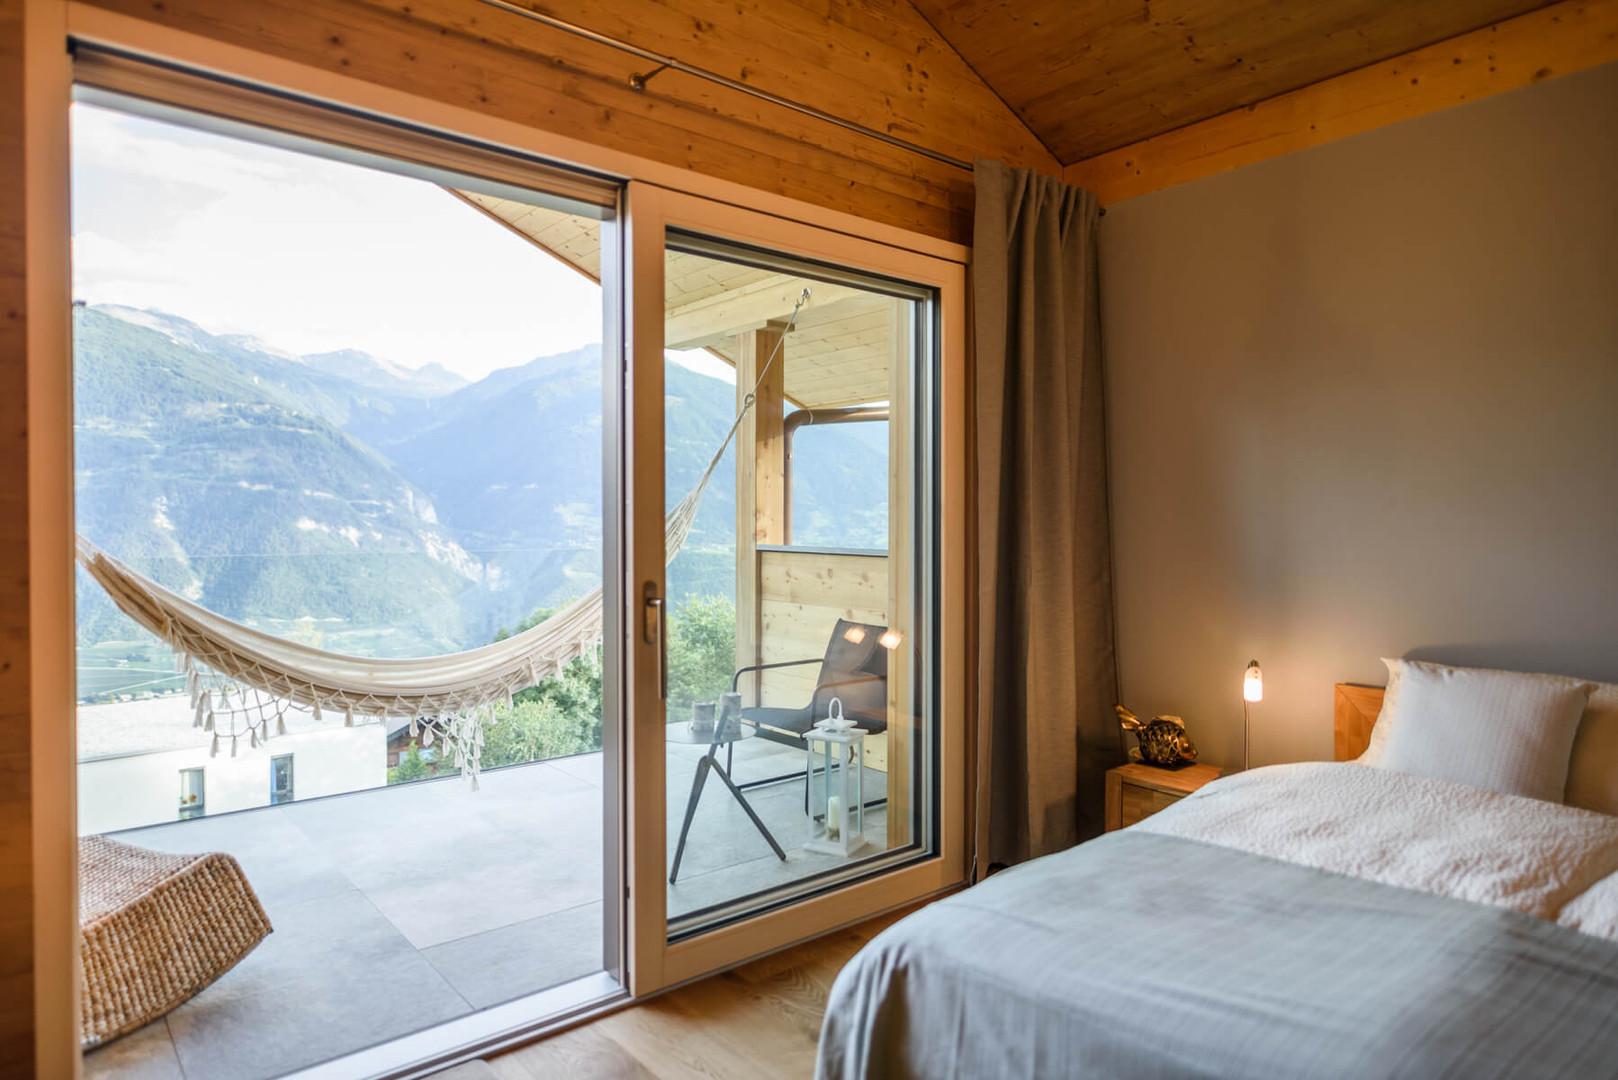 Marketing hôtel Valais.jpg